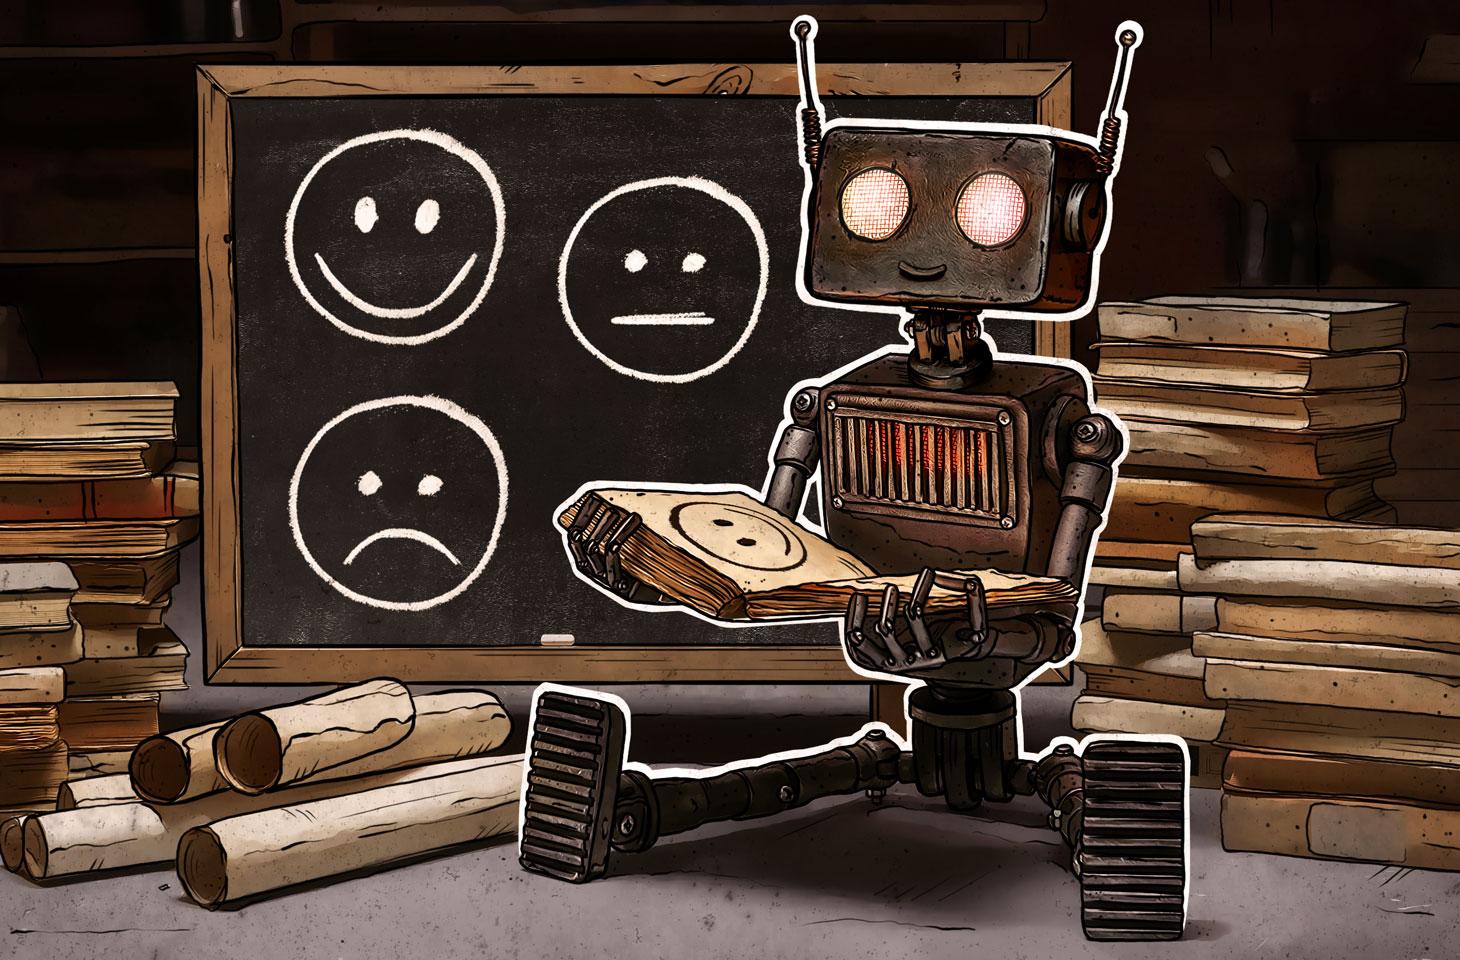 Por qué la IA está aprendiendo a reconocer las emociones humanas